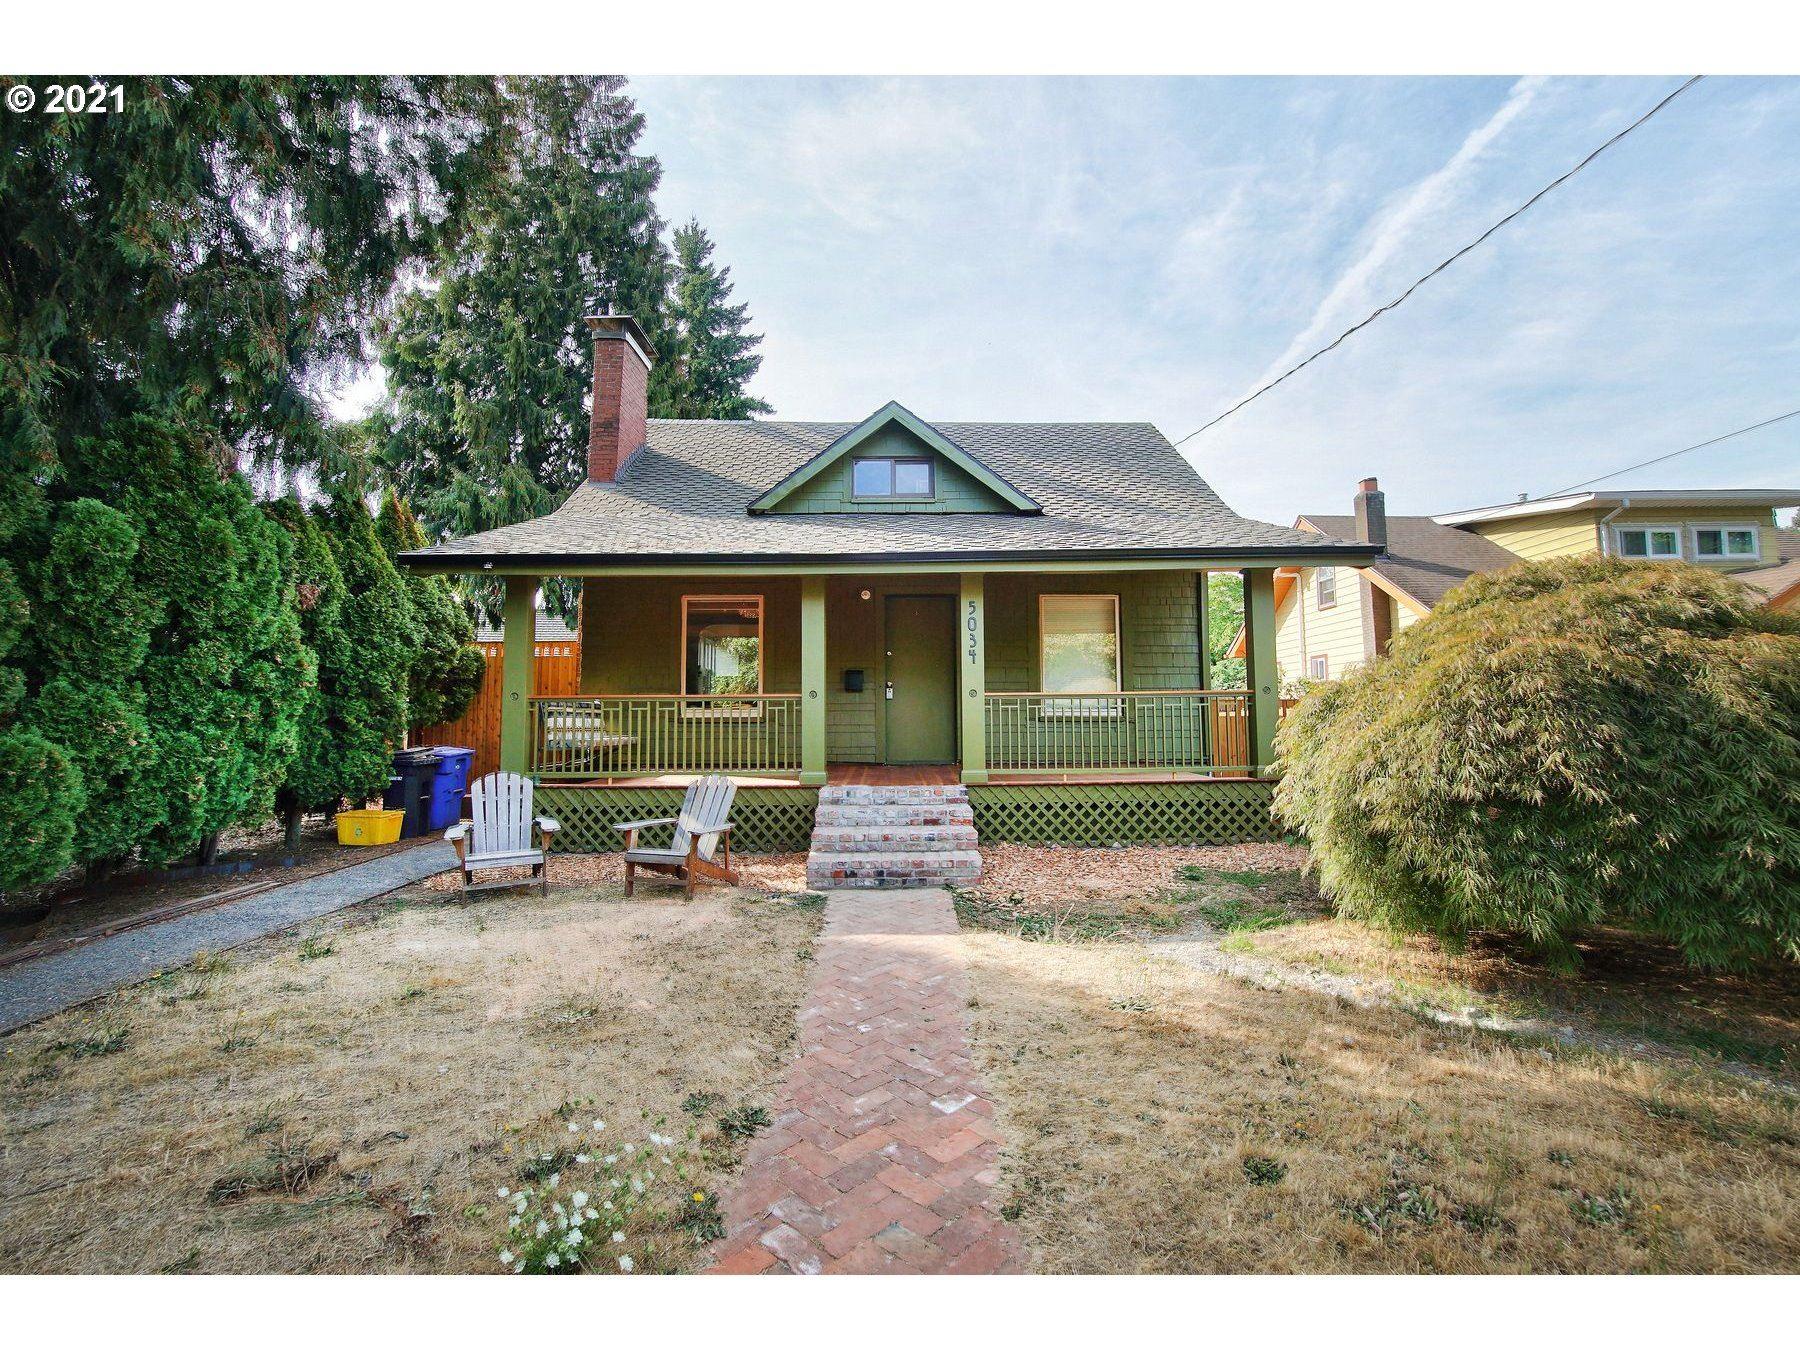 5034 SE MARTINS ST, Portland, OR 97206 - MLS#: 21212110